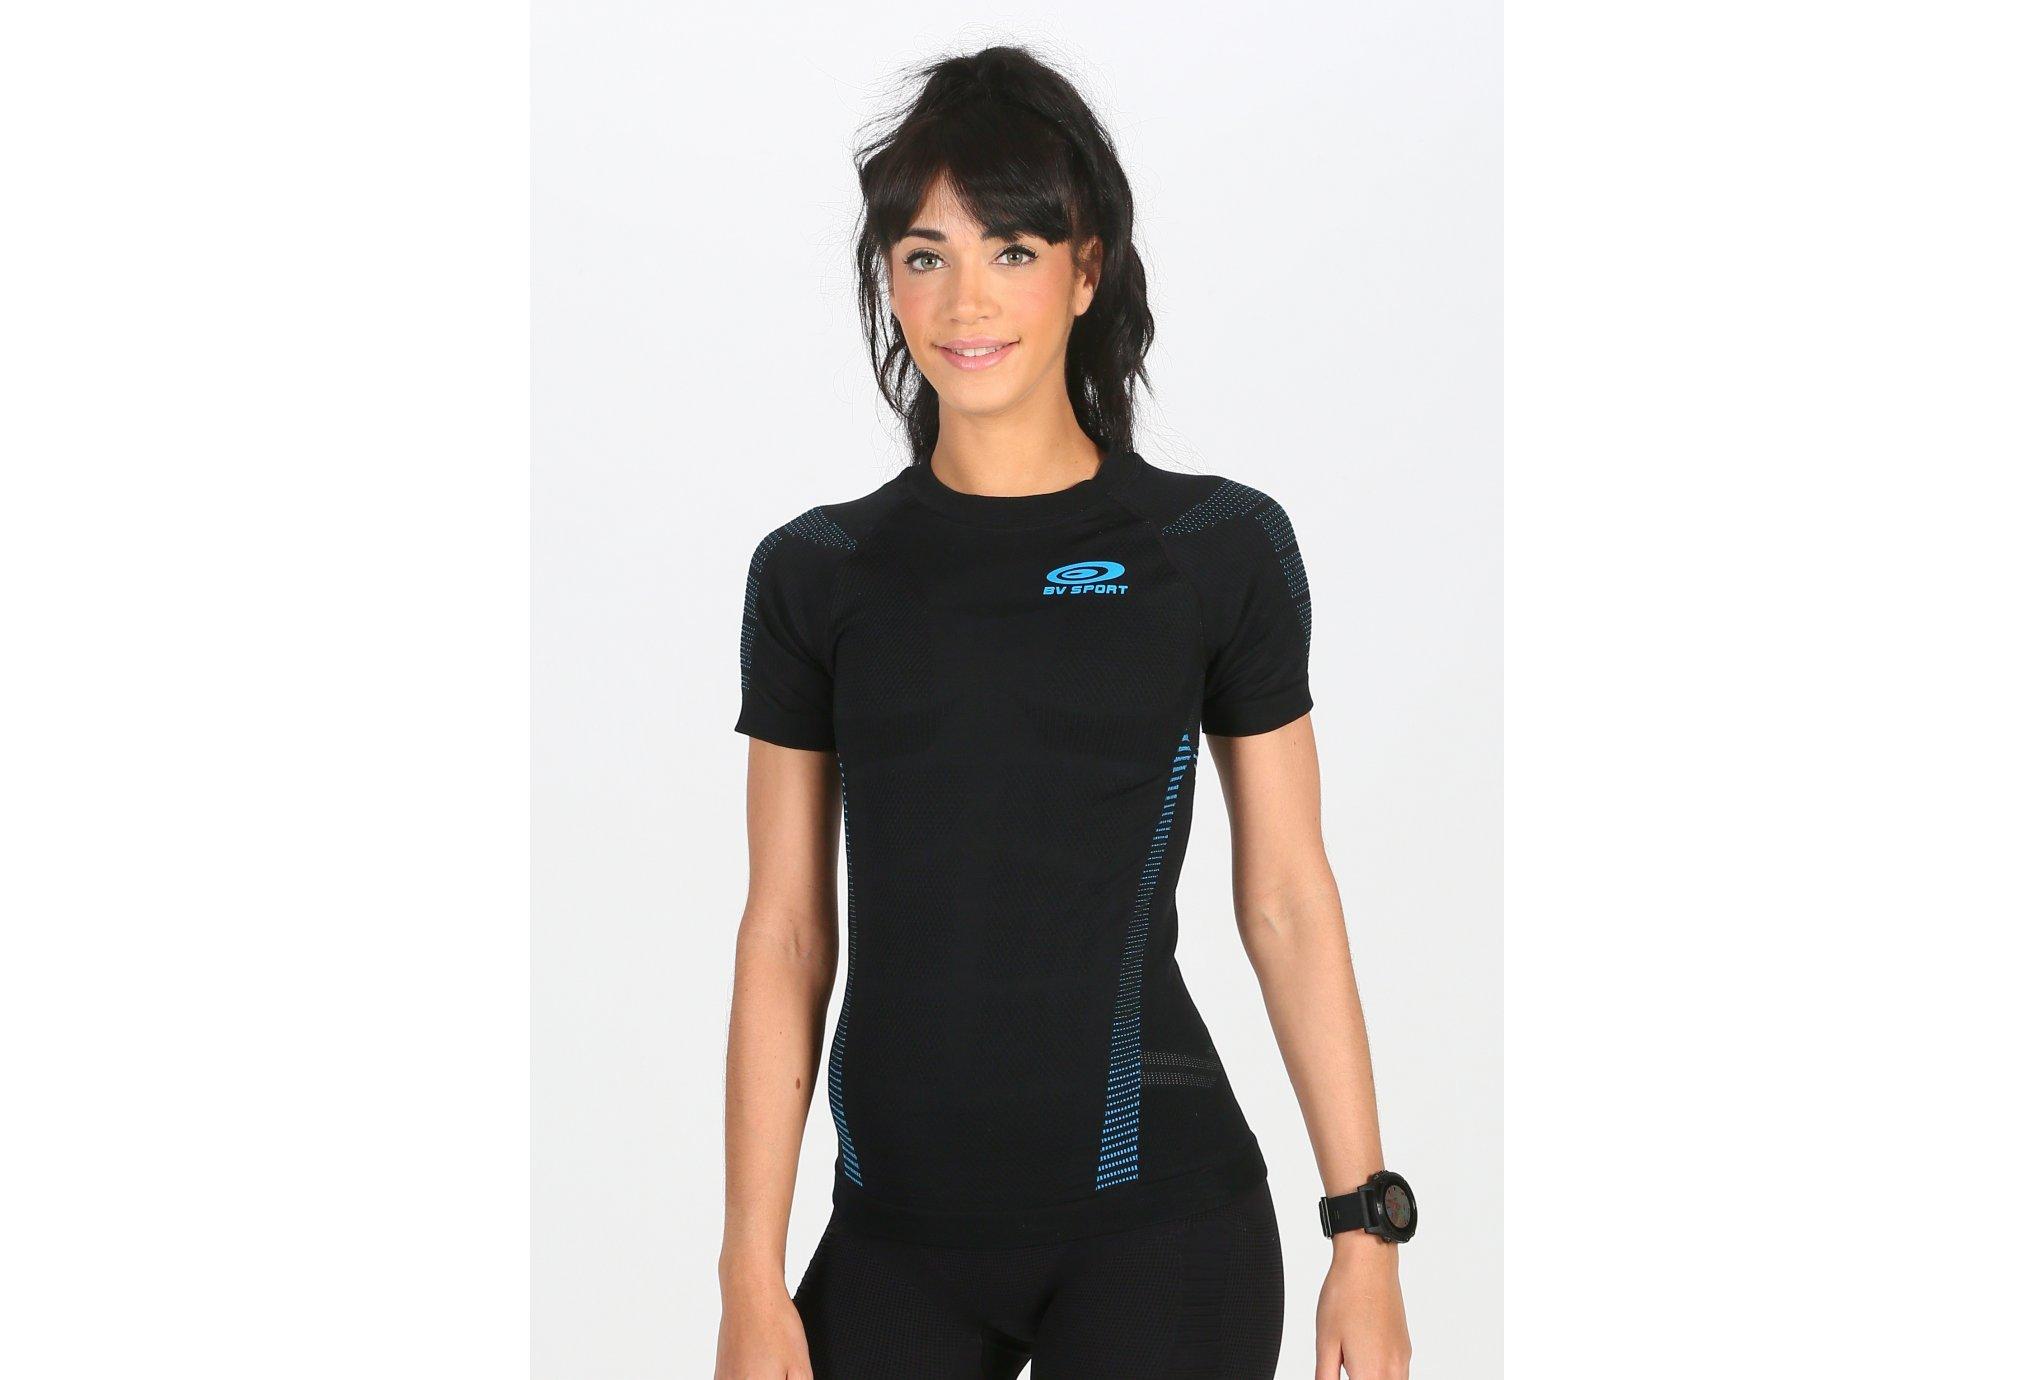 BV Sport Haut Technique RTech W Diététique Vêtements femme